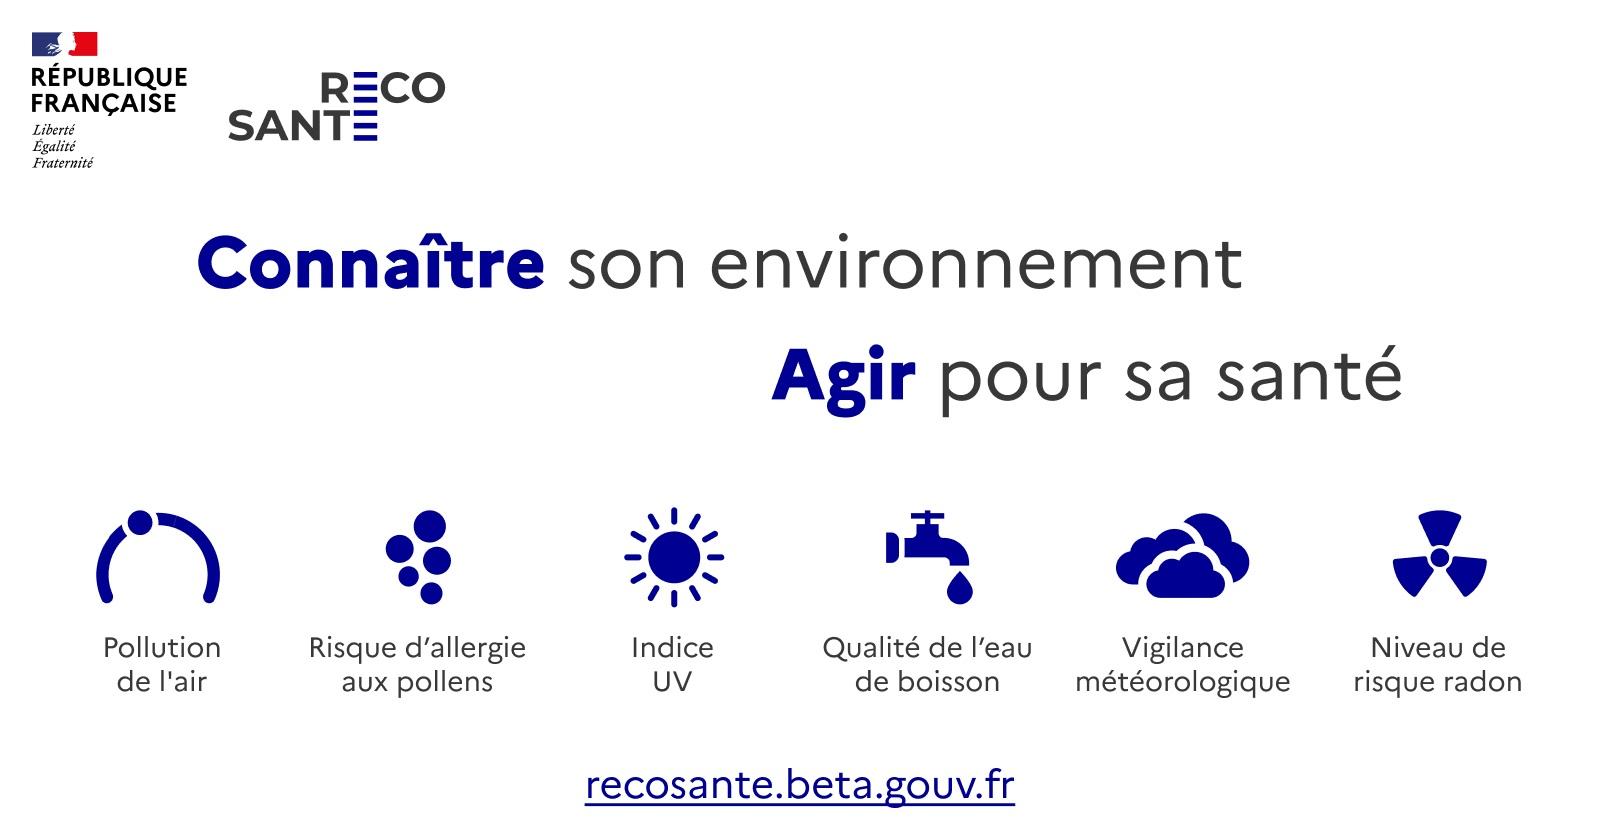 RECOSANTÉ : Connaître son environnement Agir pour sa santé